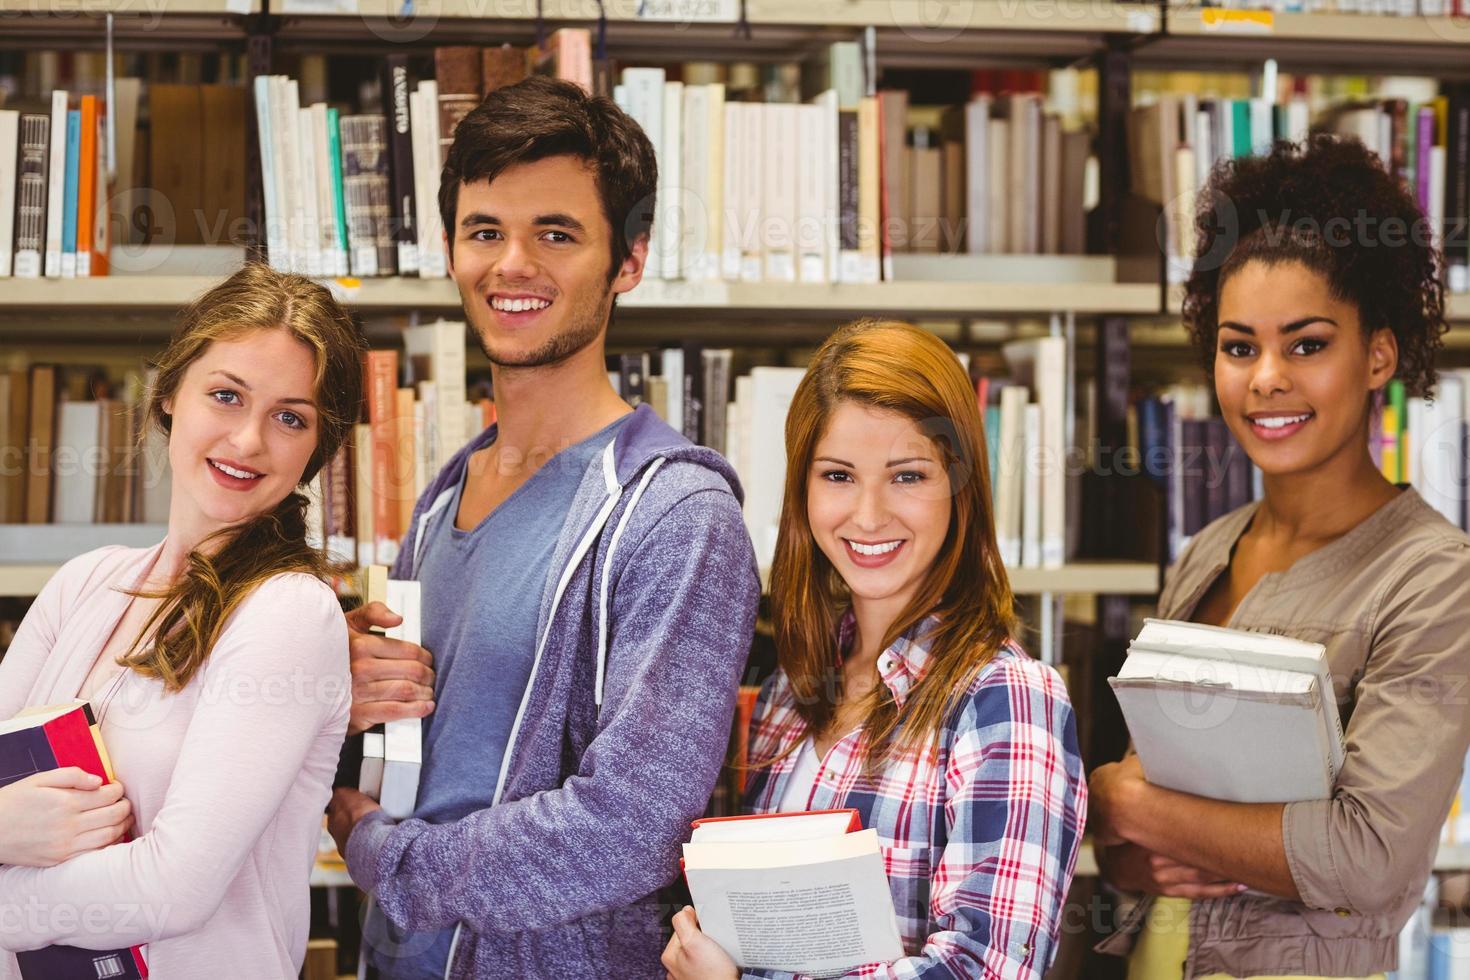 estudiantes en una línea sonriendo a la cámara sosteniendo libros foto